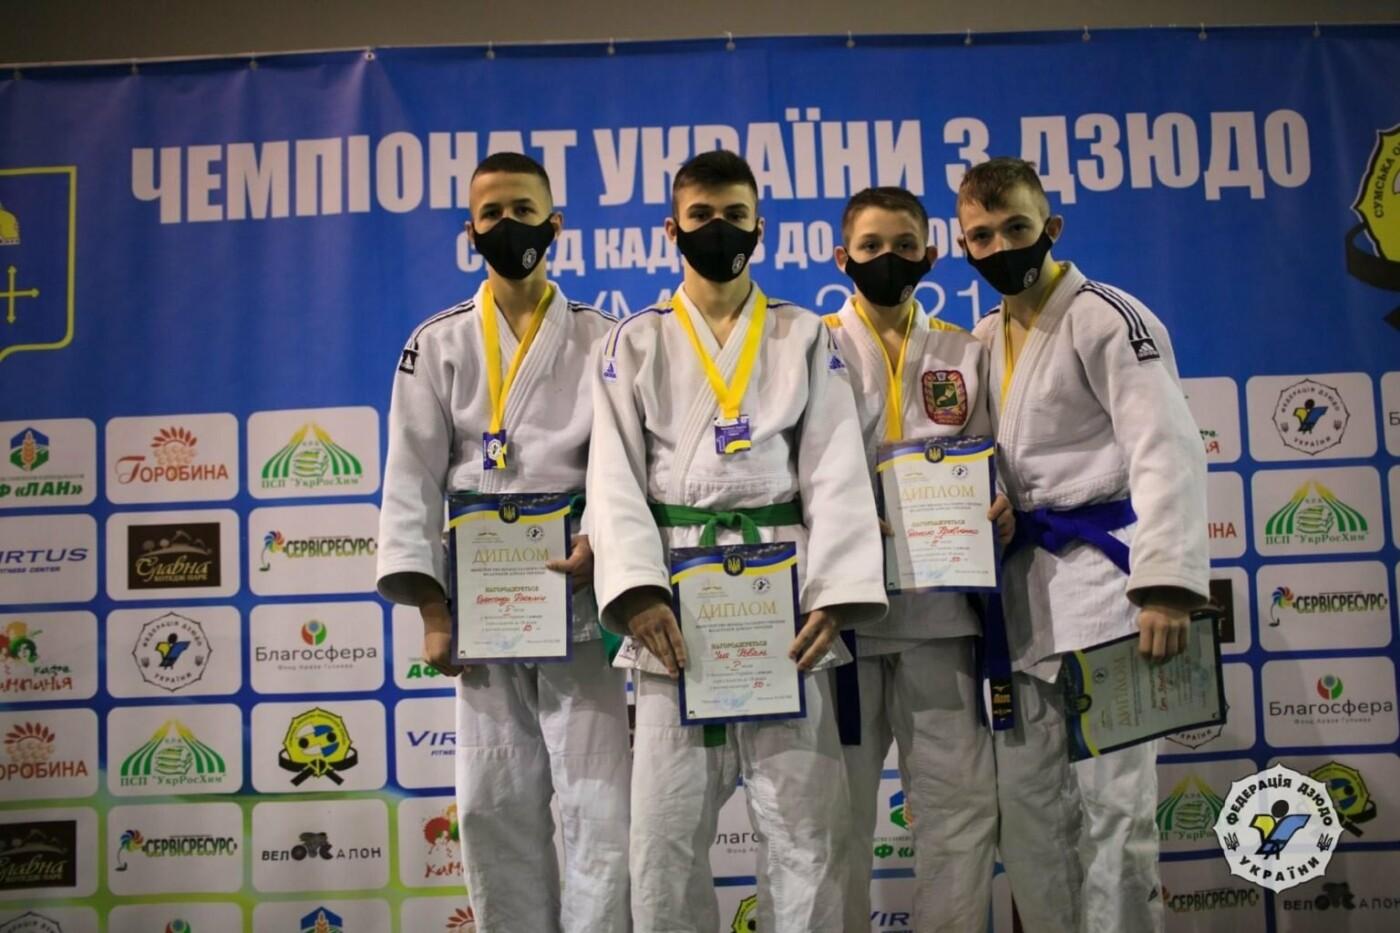 Хмельницький дзюдоїст став чемпіоном України , фото-1